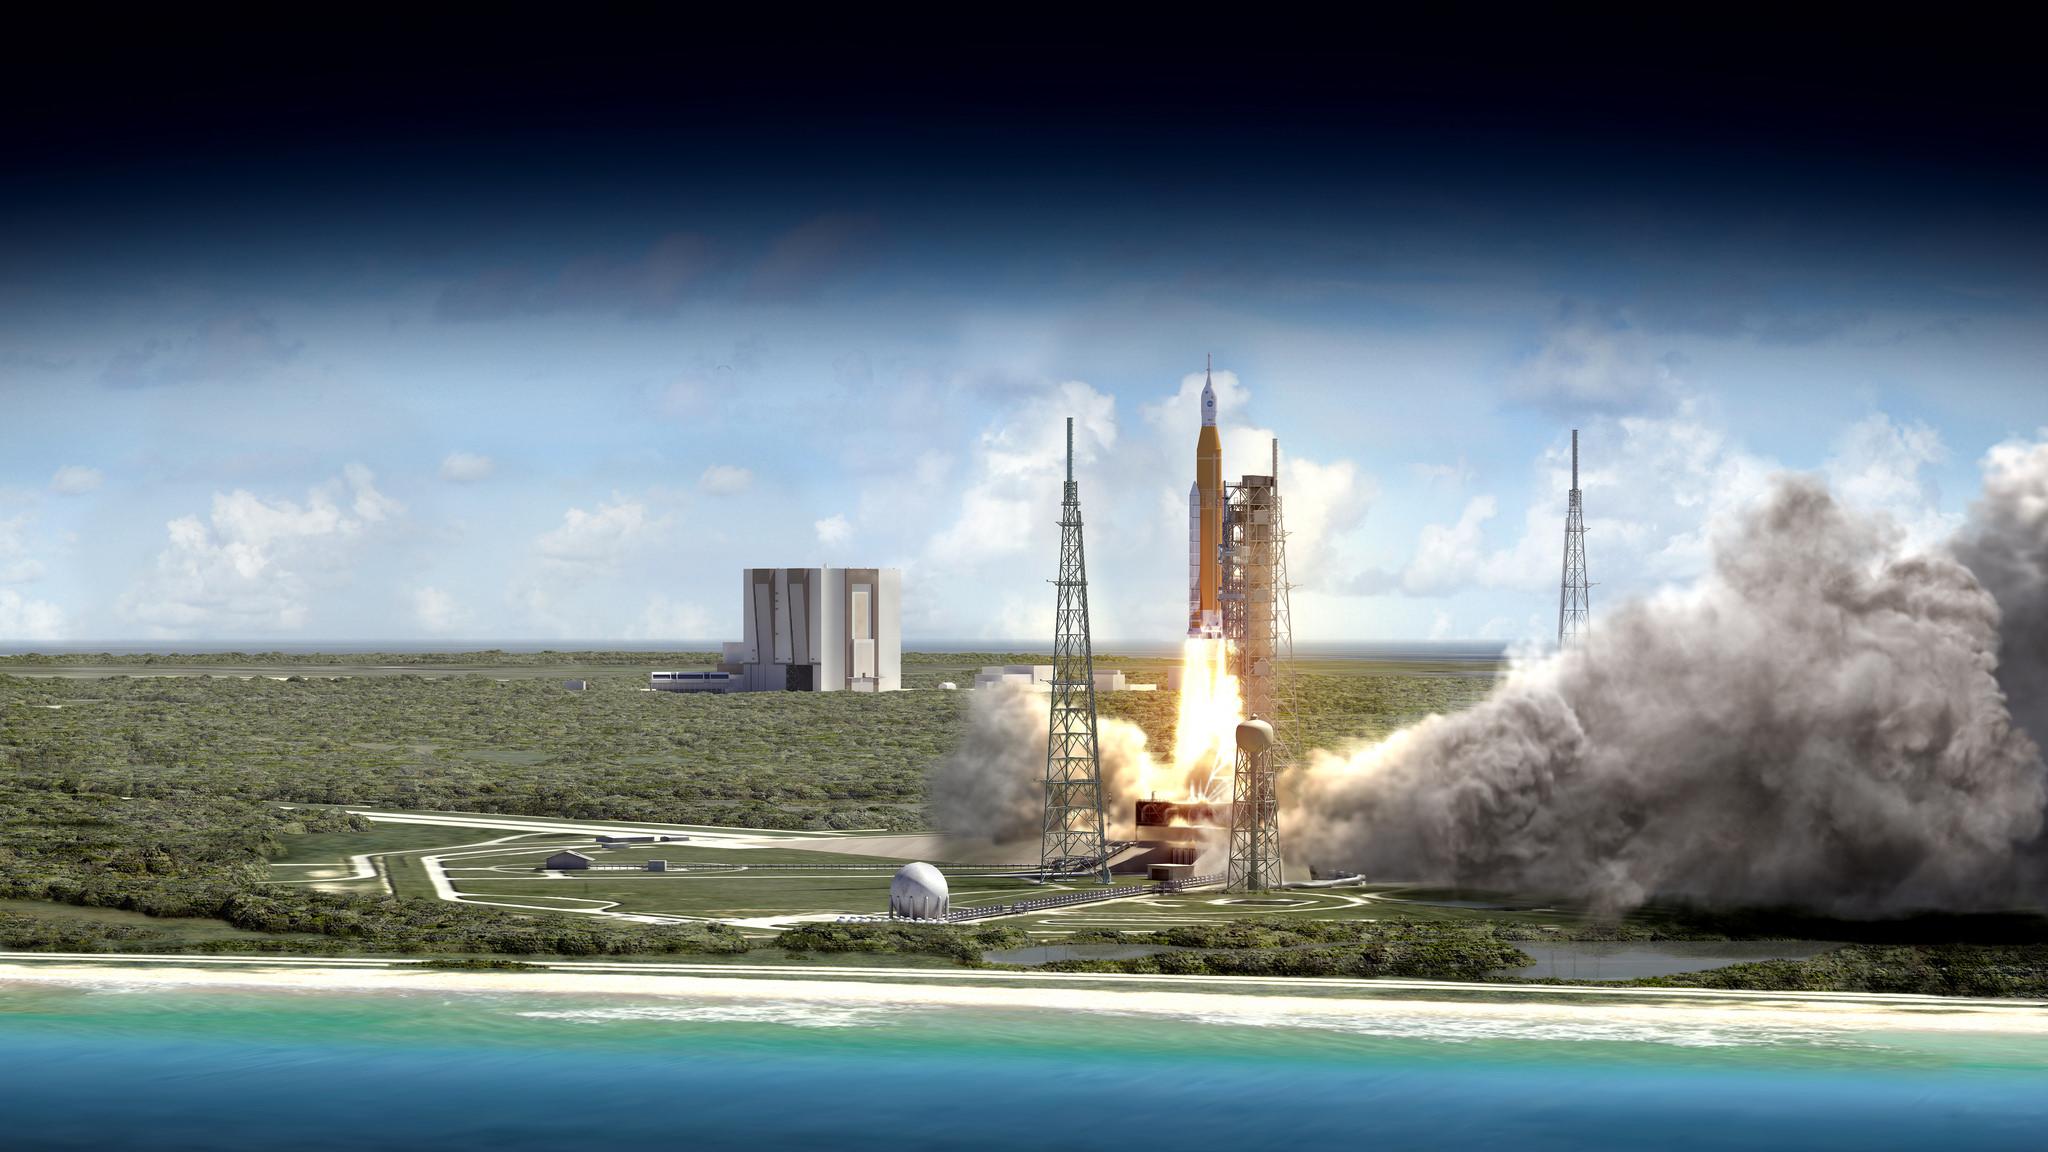 nasa rocket crashes paintings - photo #45